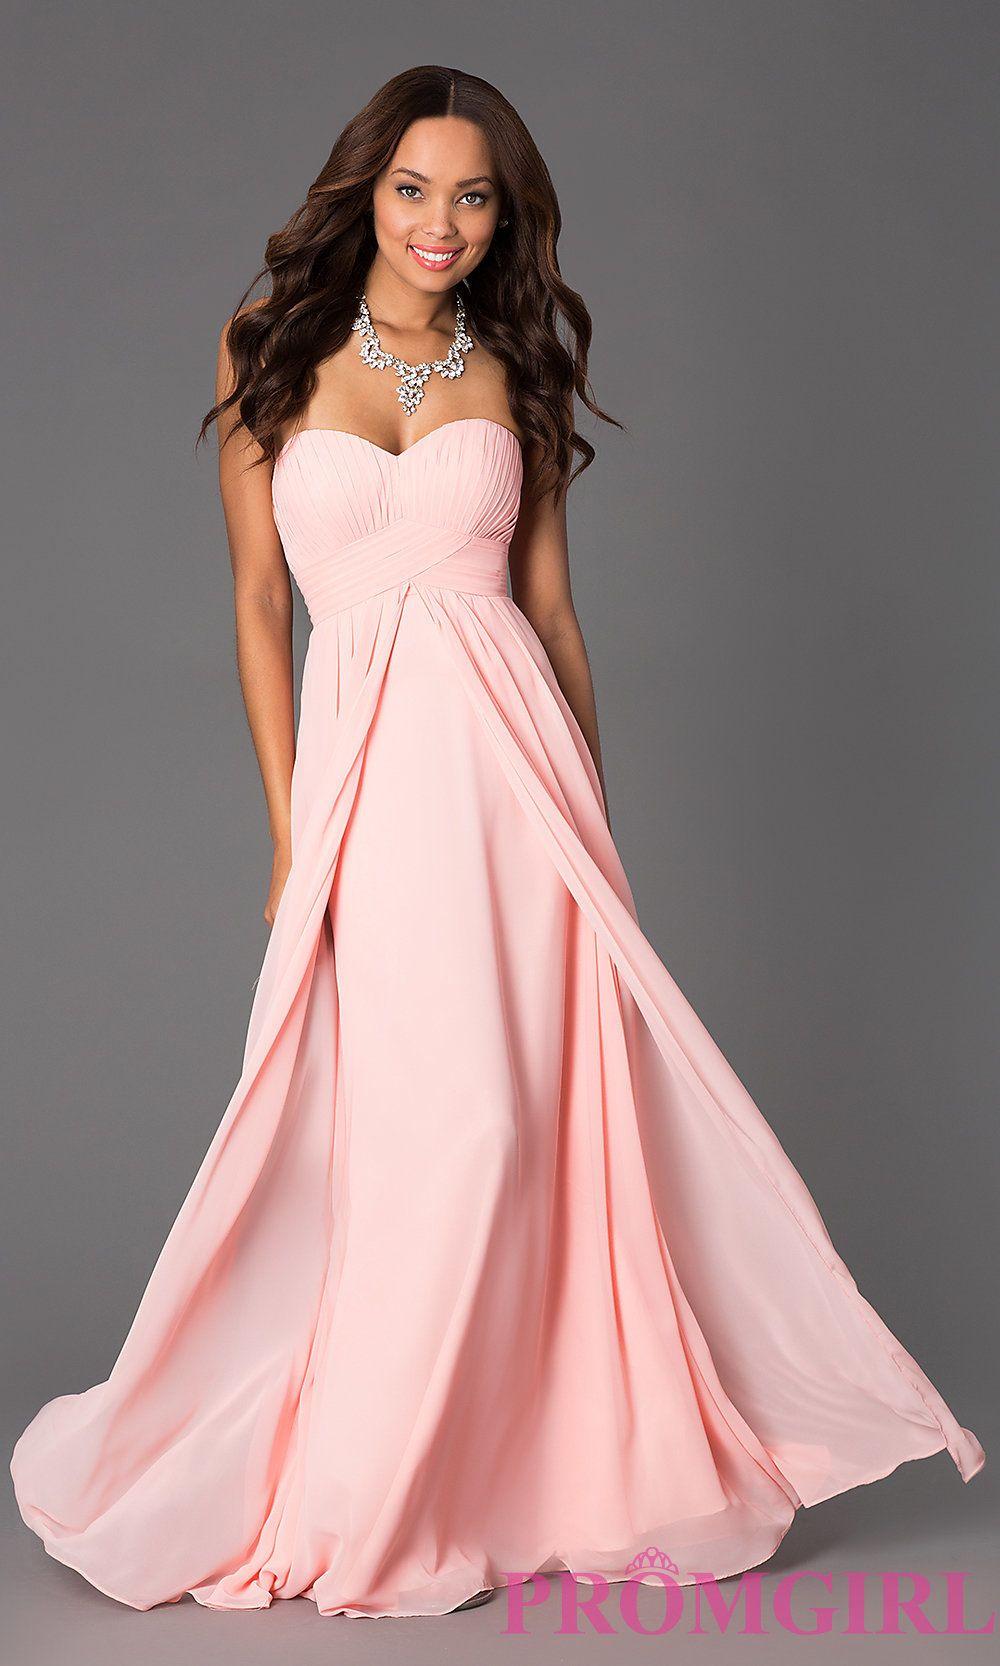 Alle Kleider abitur kleider : Occasion Dresses | Abendkleider | Pinterest | Abendkleider